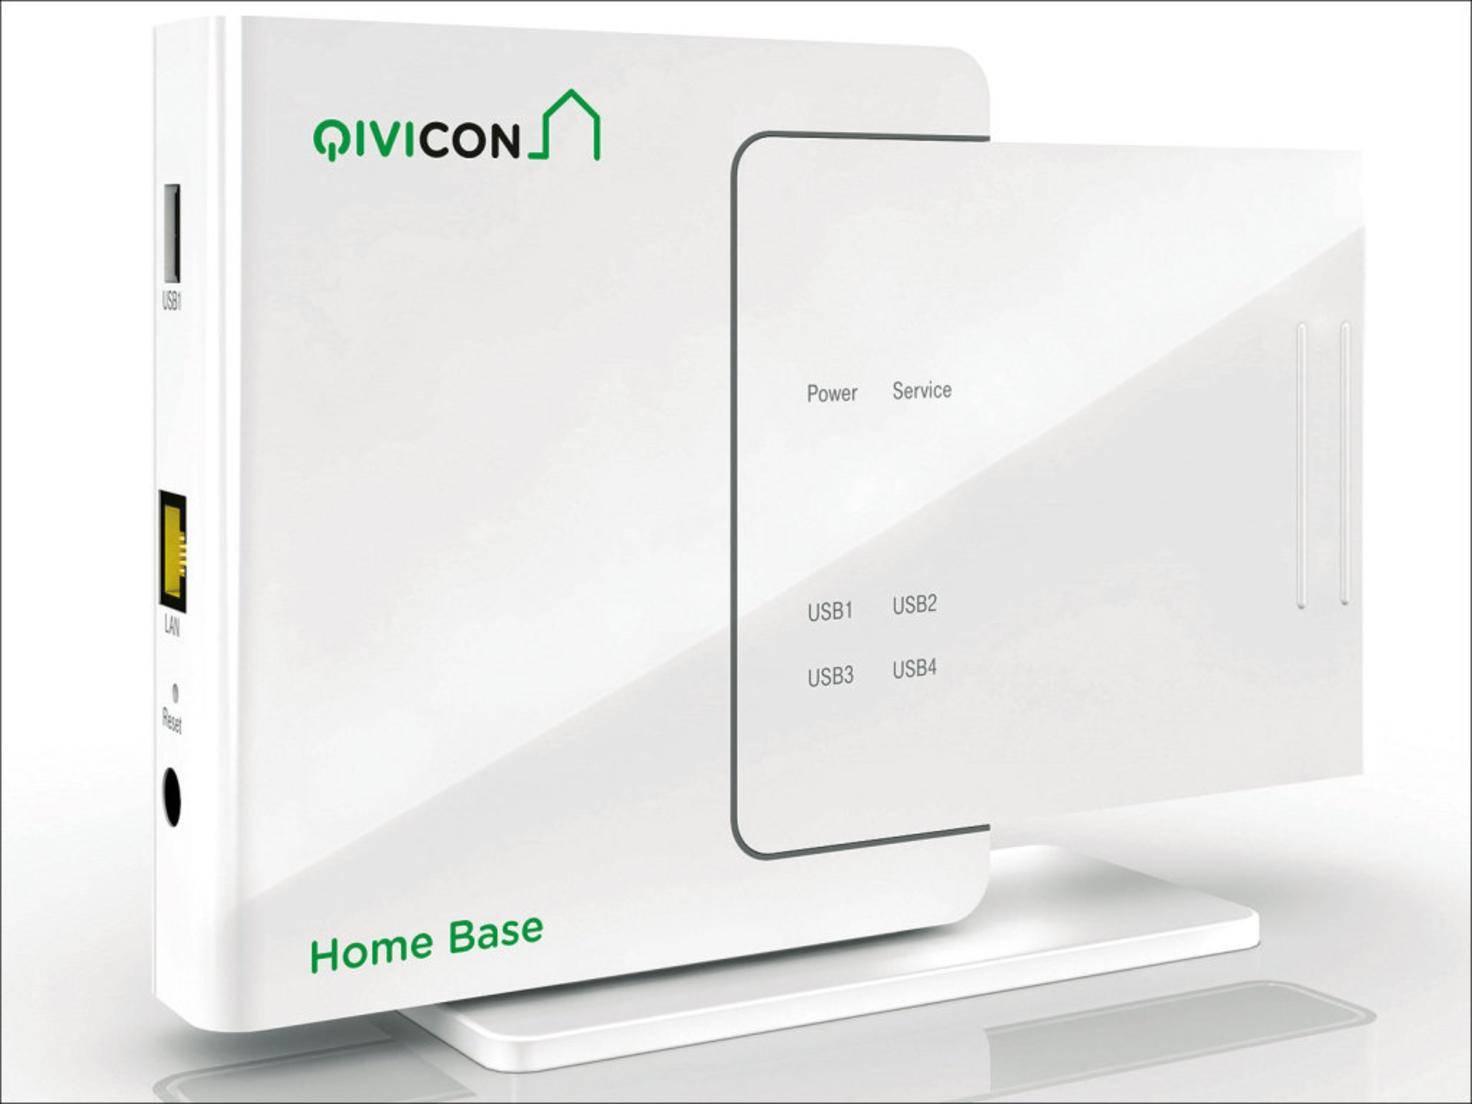 Die Qivicon Home Base: Anfängerpakete der Telekom benötigen diese zentrale Steuereinheit.